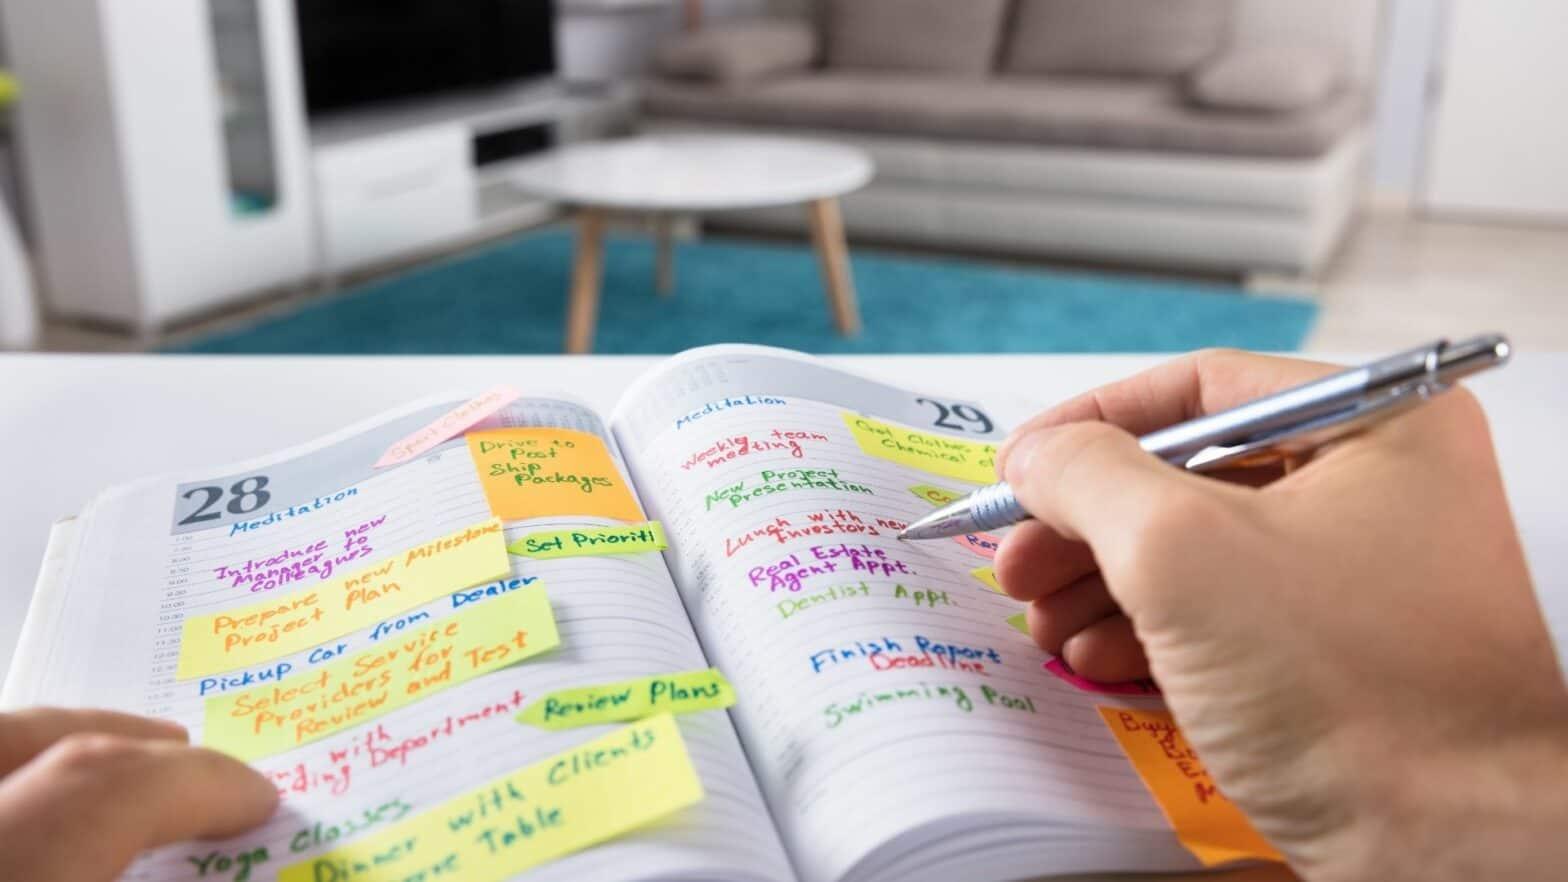 Lernmethoden für das Studium, Tagesablauf